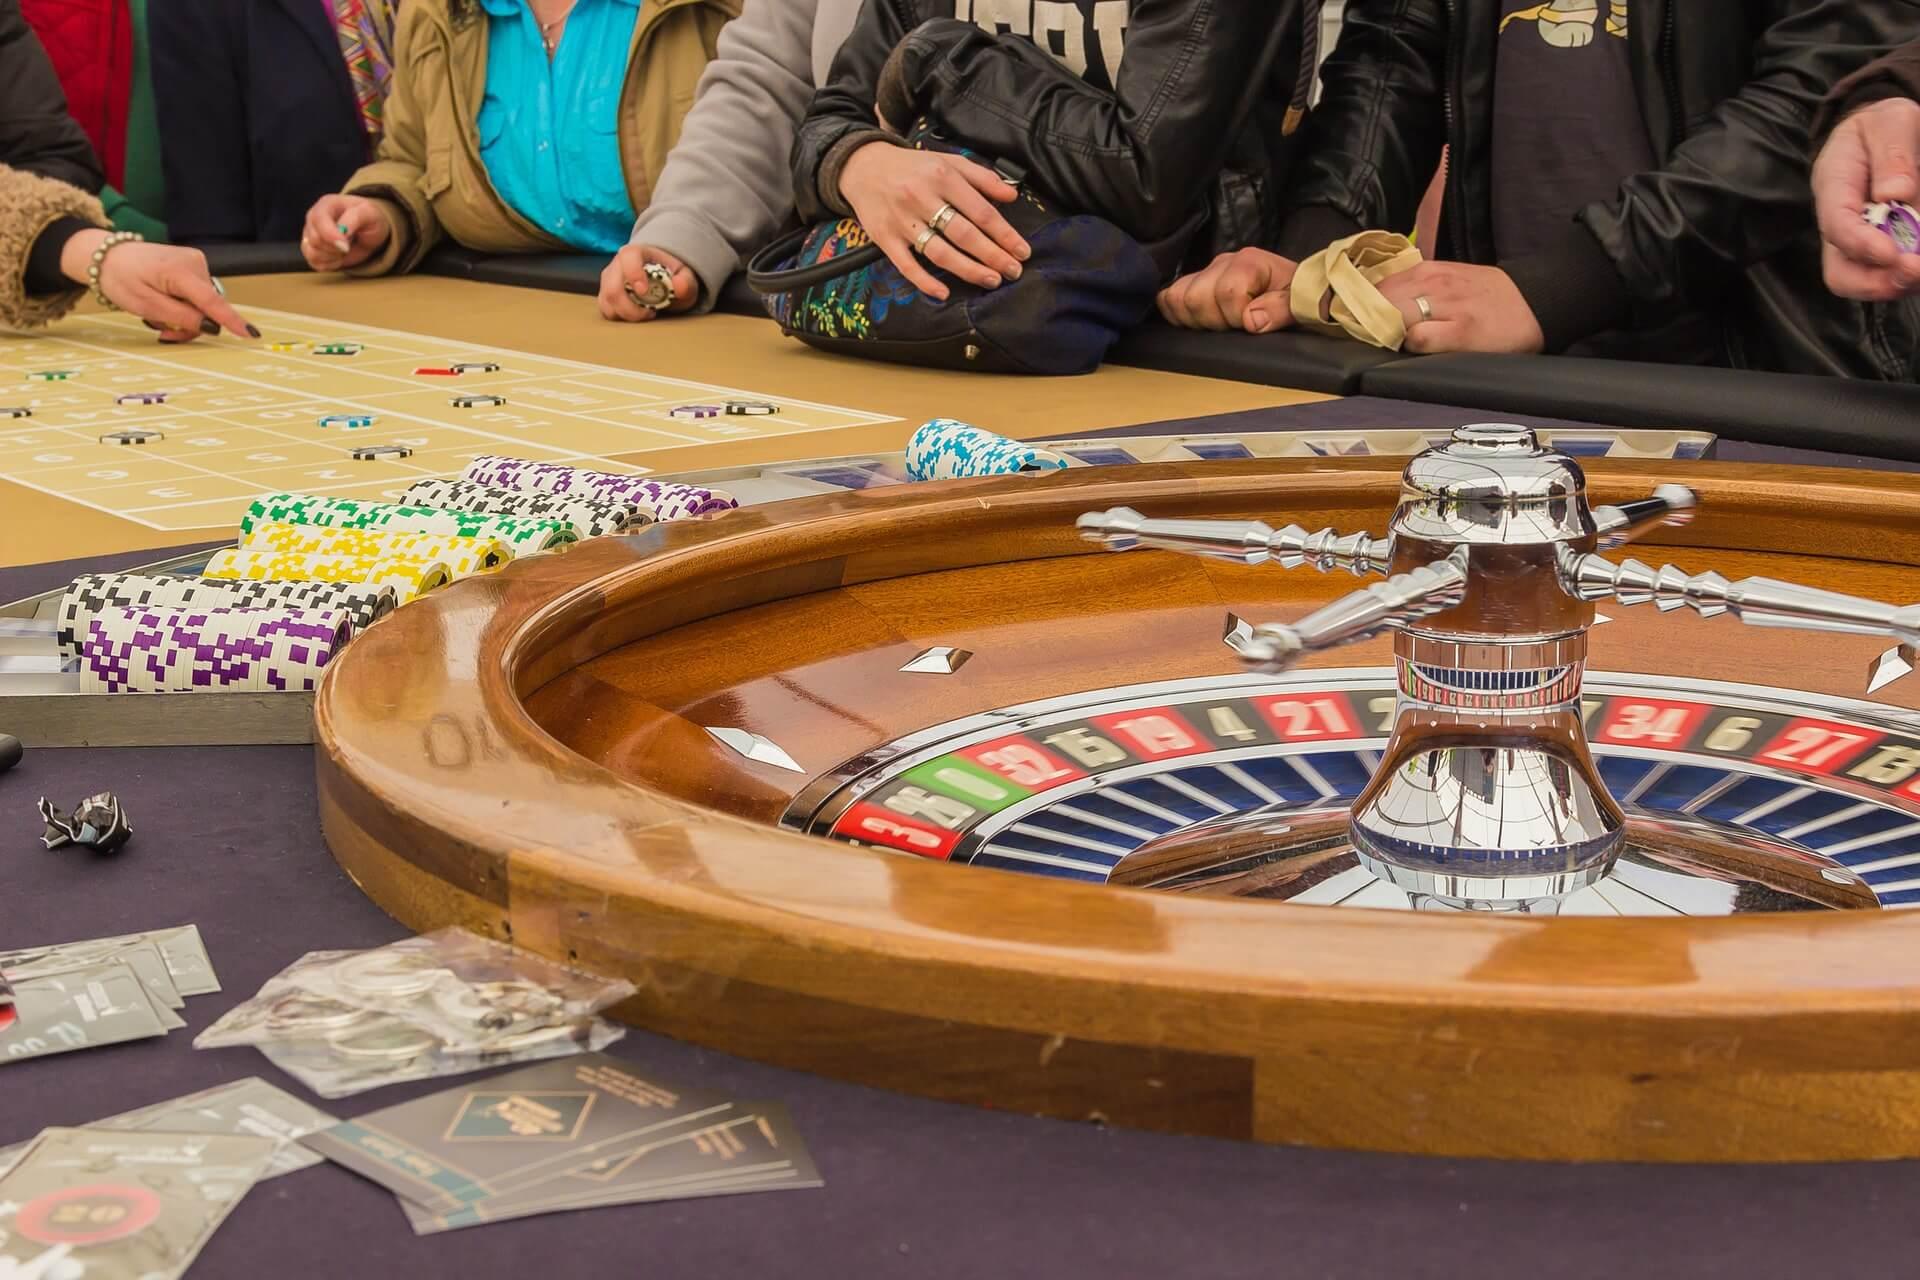 Jugar Ruleta por dinero real